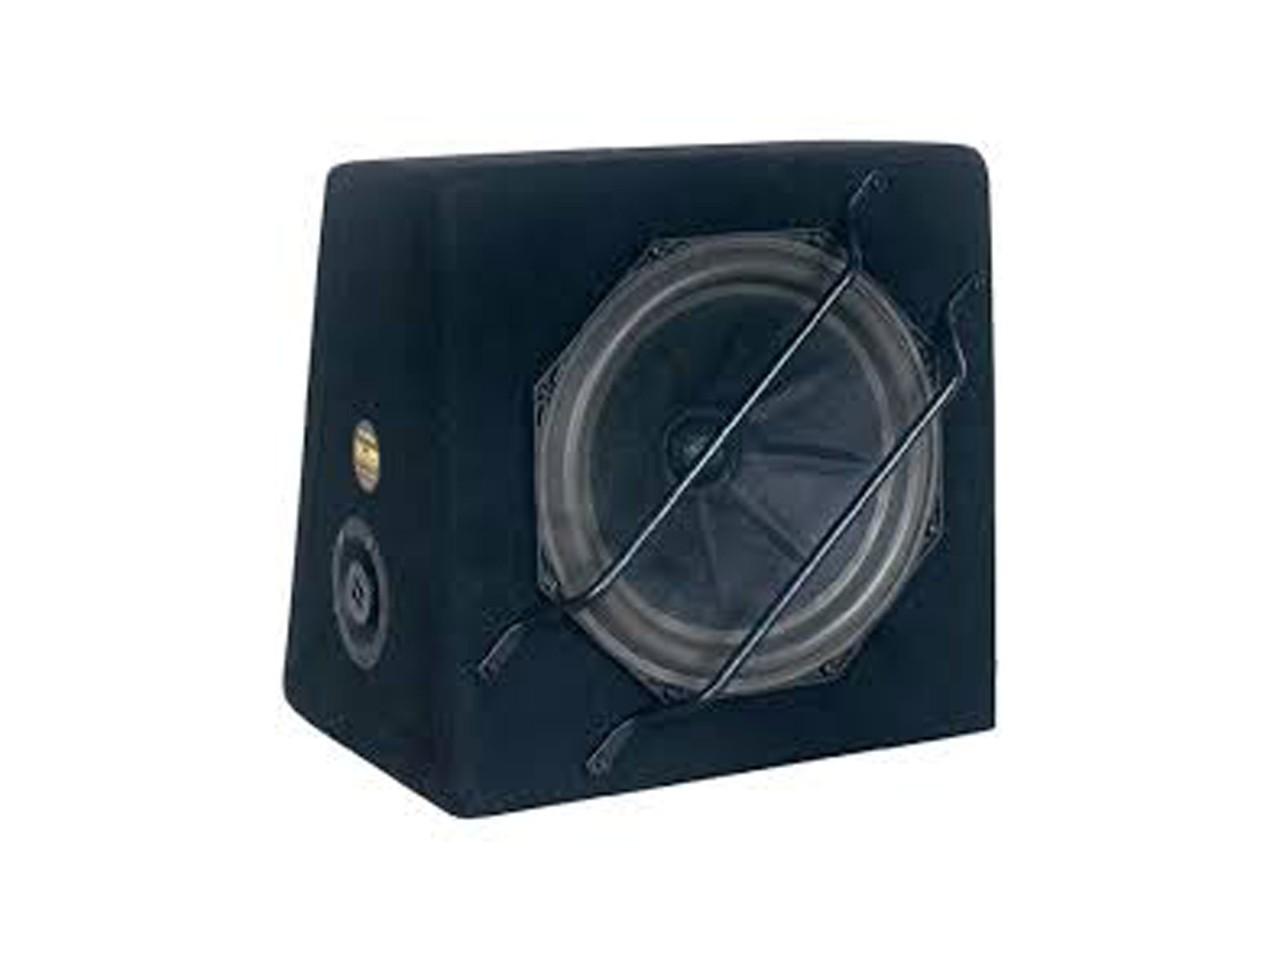 SUB slw265 | Kofferraum-Woofer | 2x120 Watt | 25cm Speaker